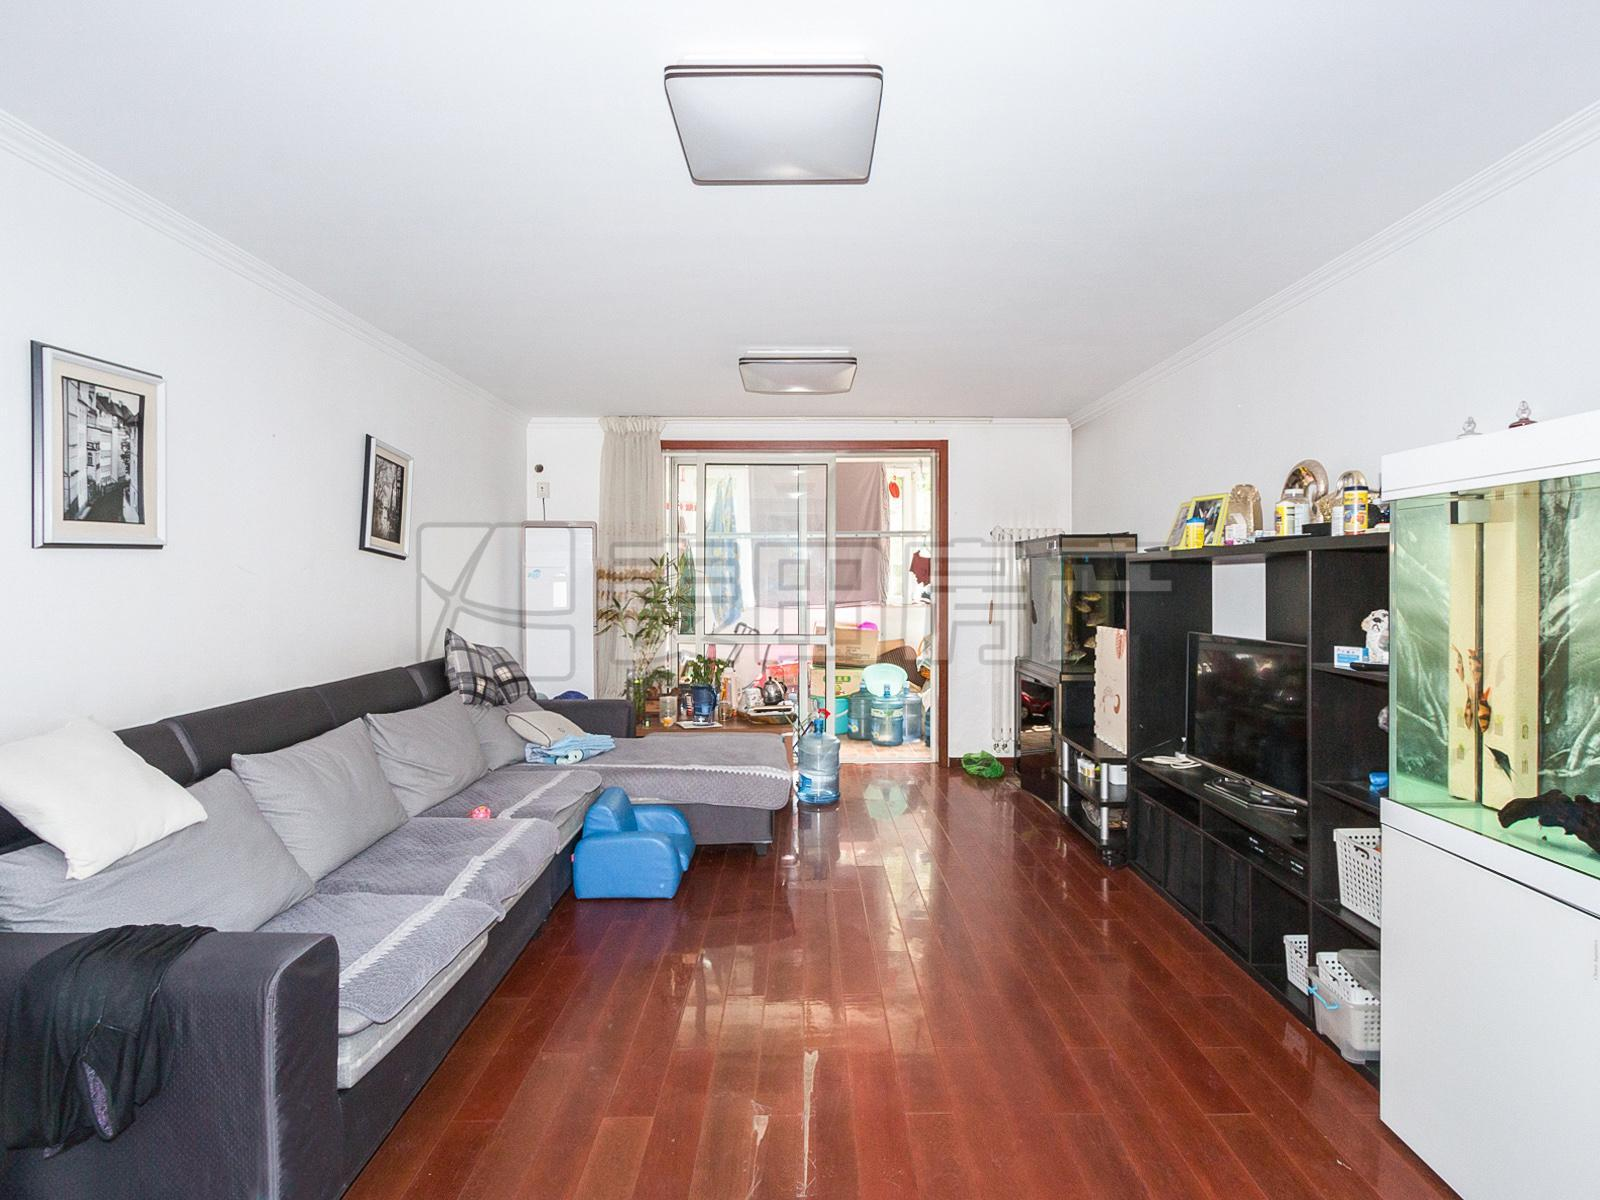 2层的平层四居室+装修好可直接入住+靠近积水潭地铁8号线